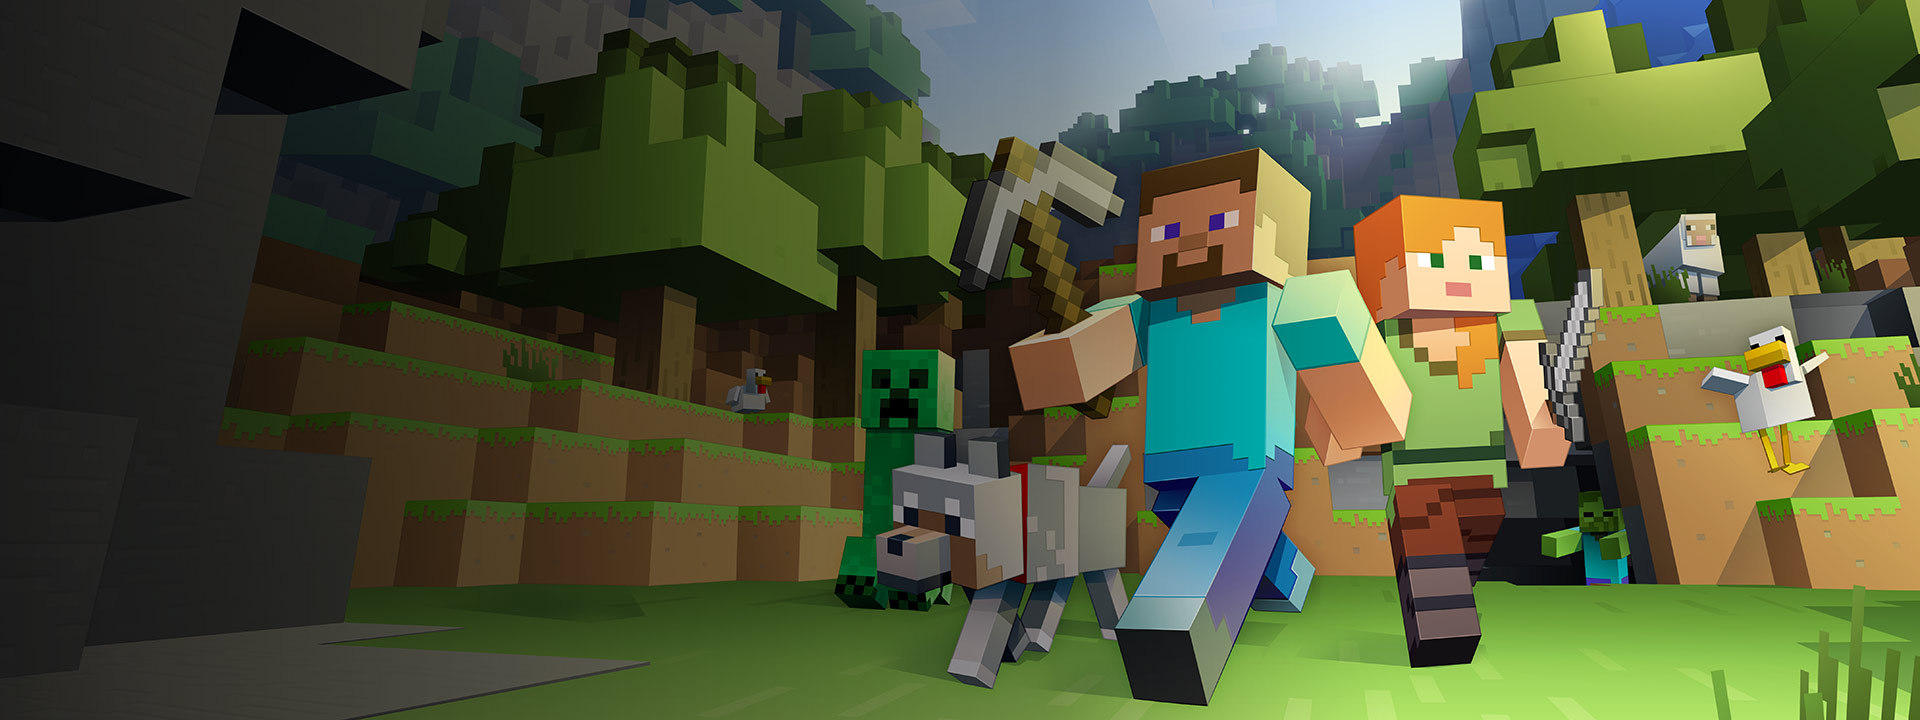 MinecraftAnmeldung Xbox - Minecraft spiele filme auf deutsch